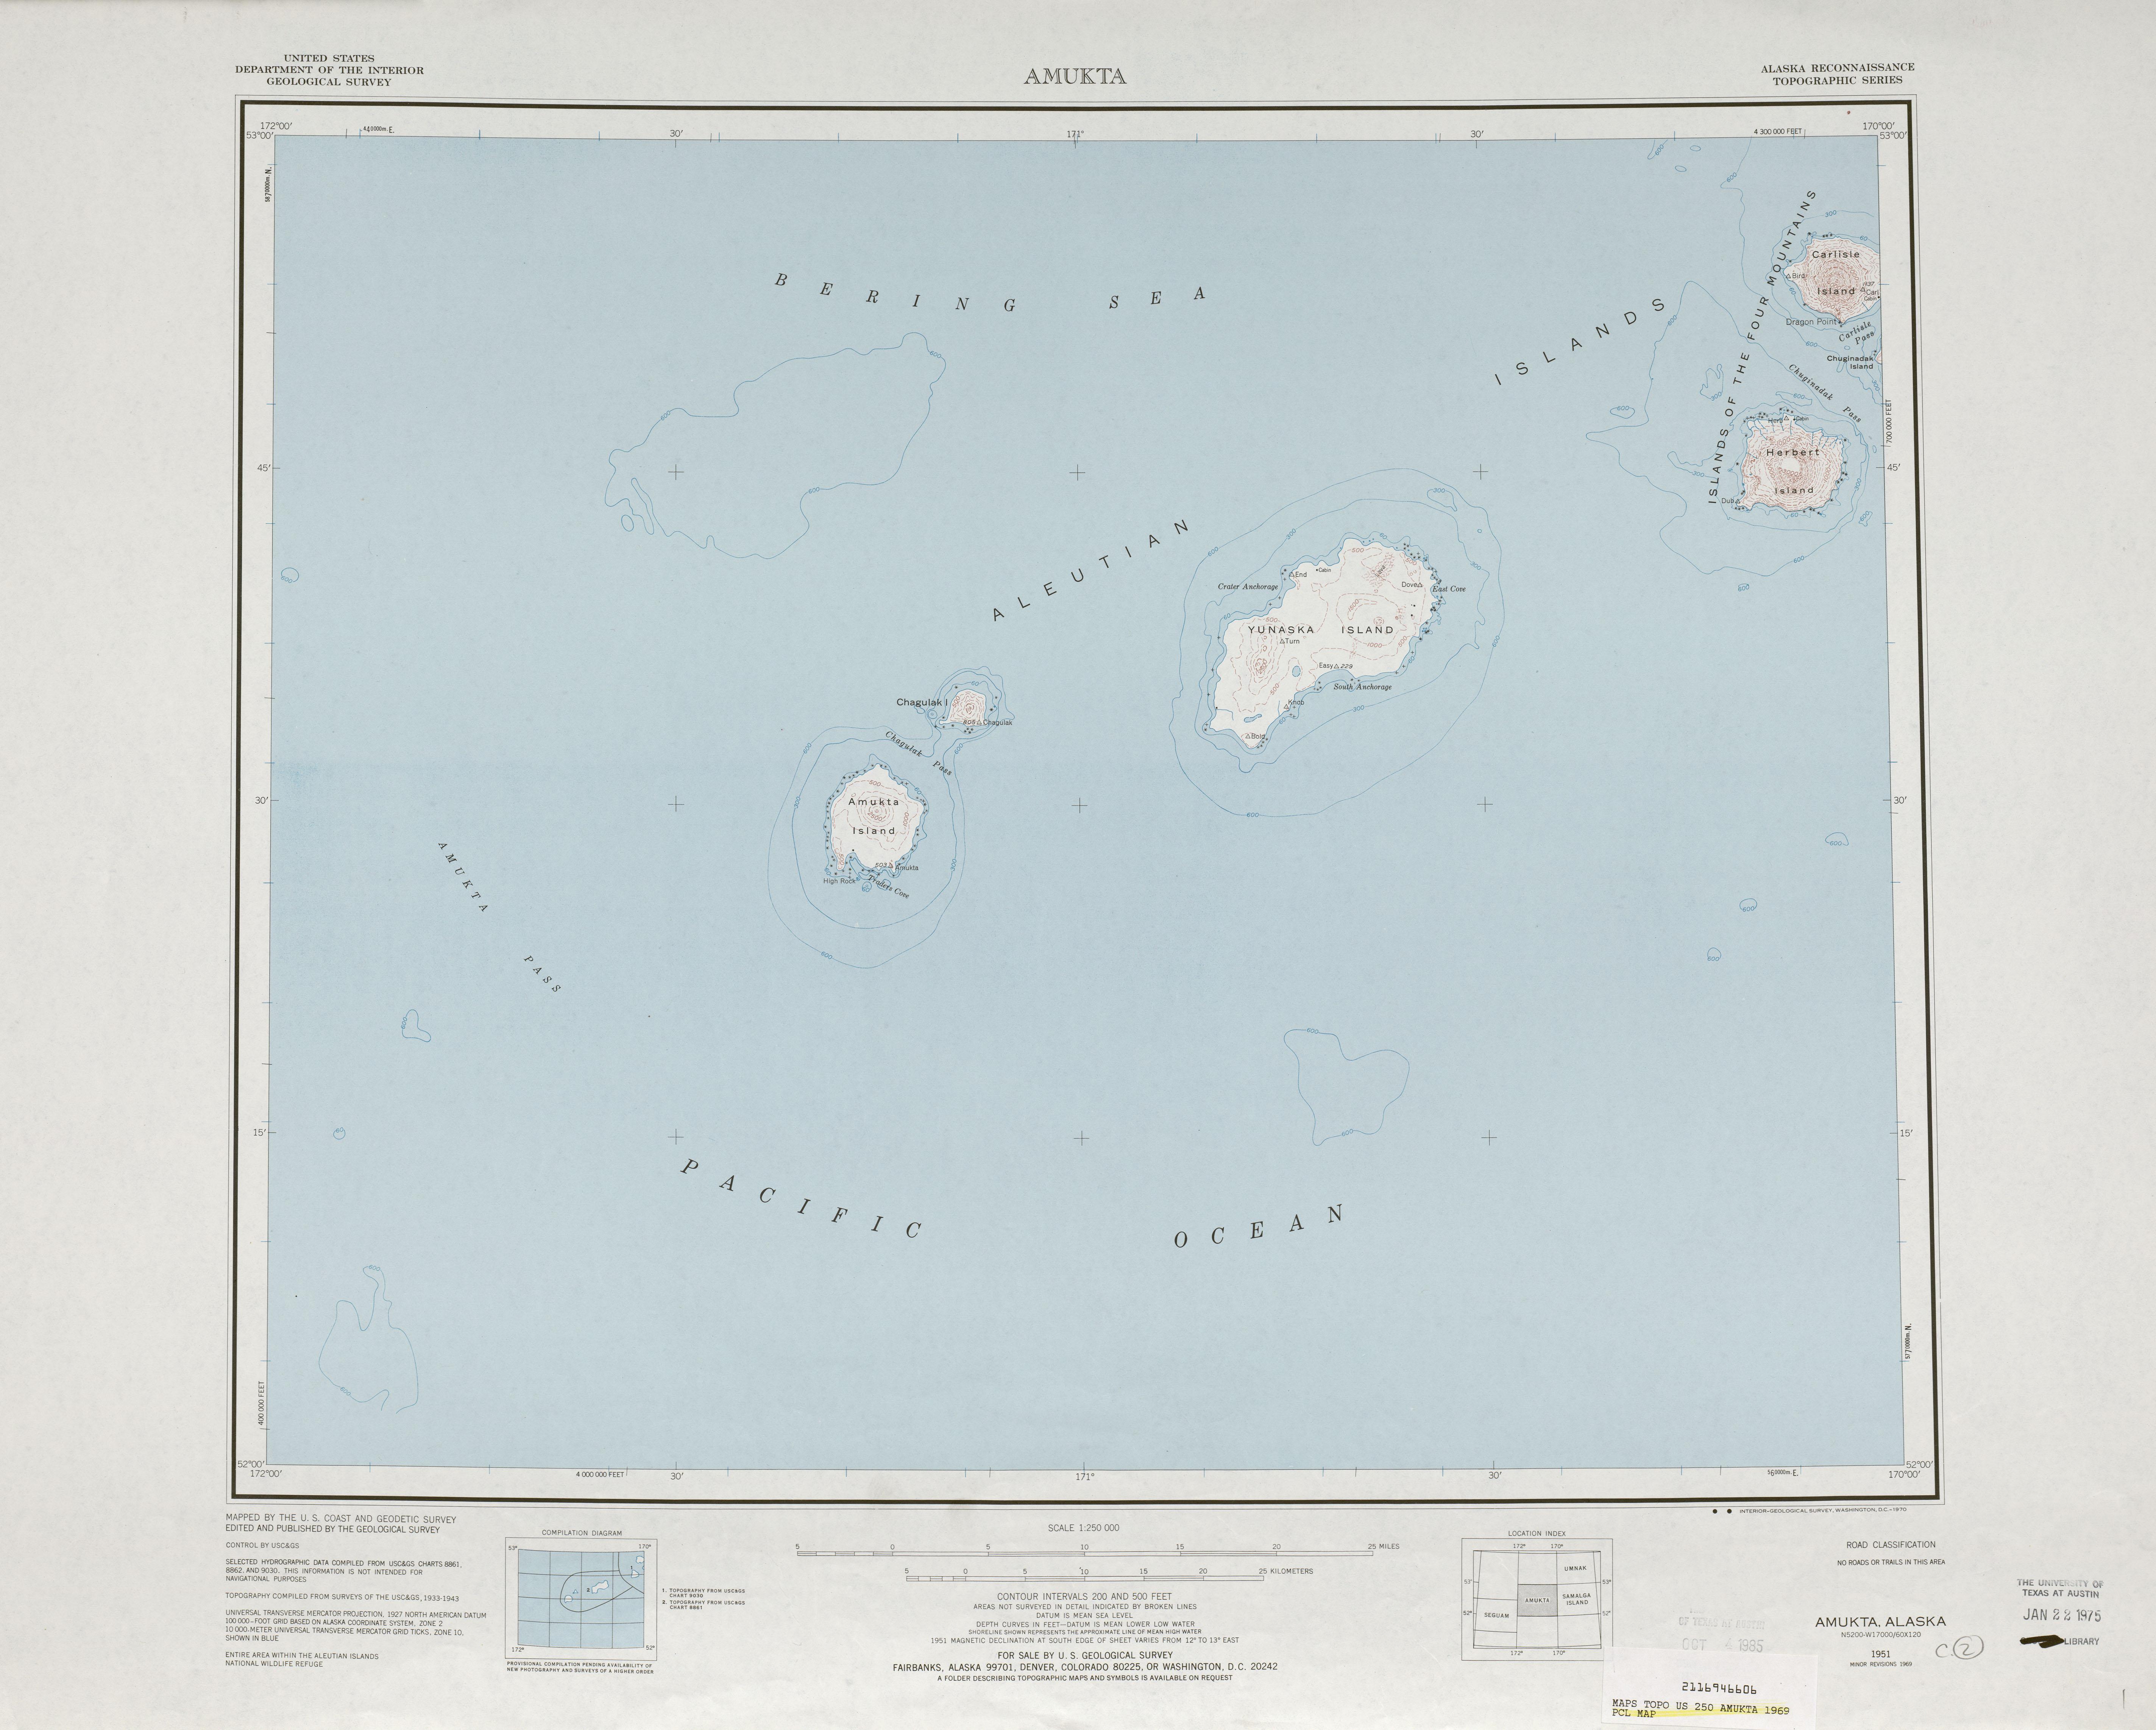 Amukta Topographic Map Sheet, United States 1969